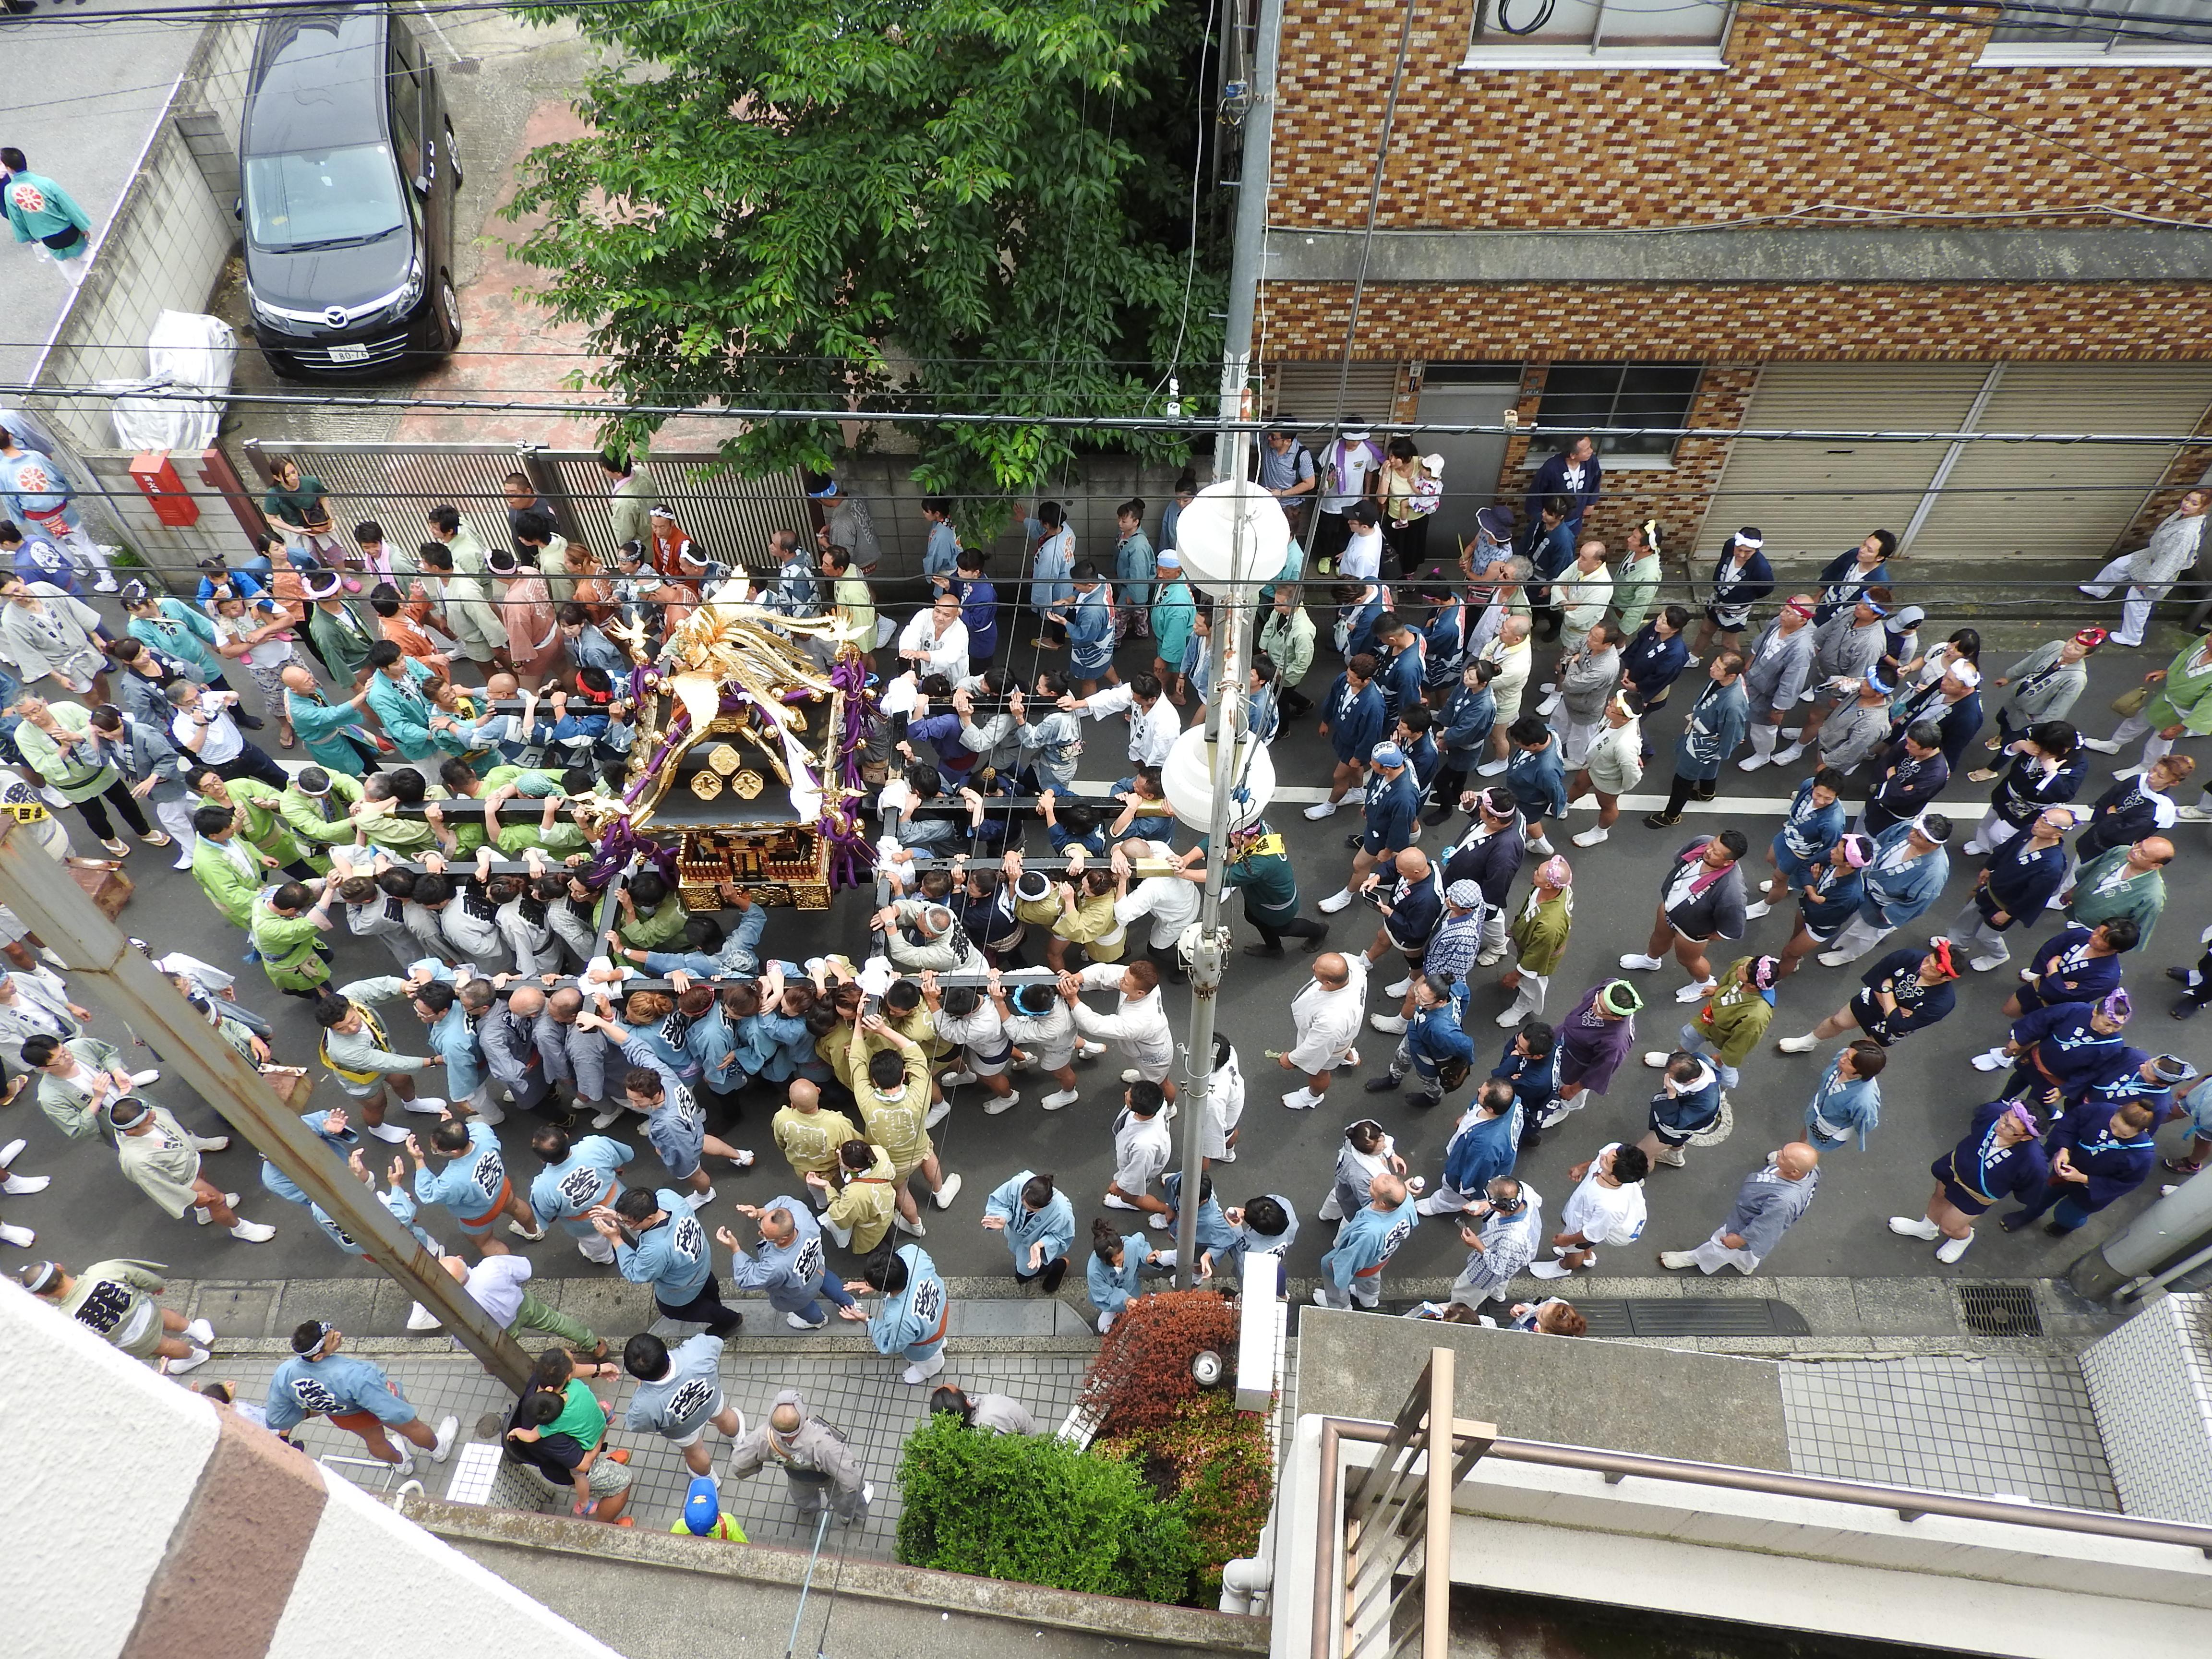 街中でみかけたそそる写真29体目 [転載禁止]©bbspink.comYouTube動画>1本 ->画像>826枚